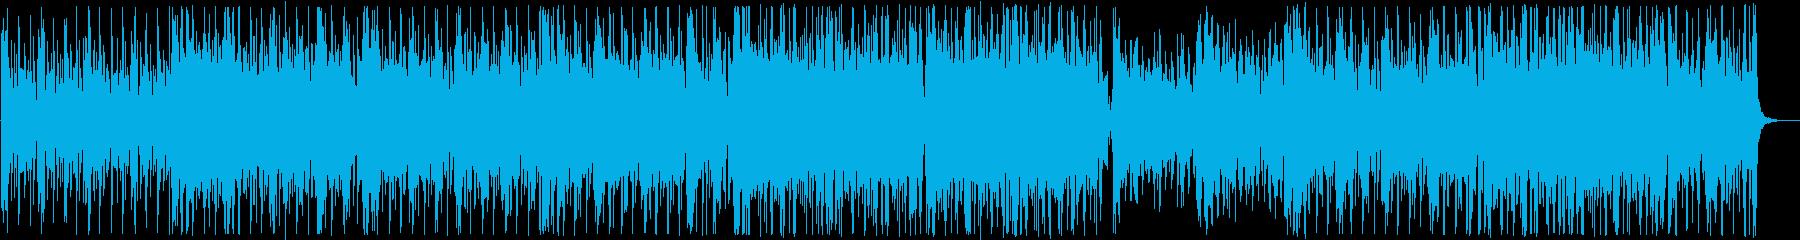 アダルトなファンク女声コーラス:フル1回の再生済みの波形